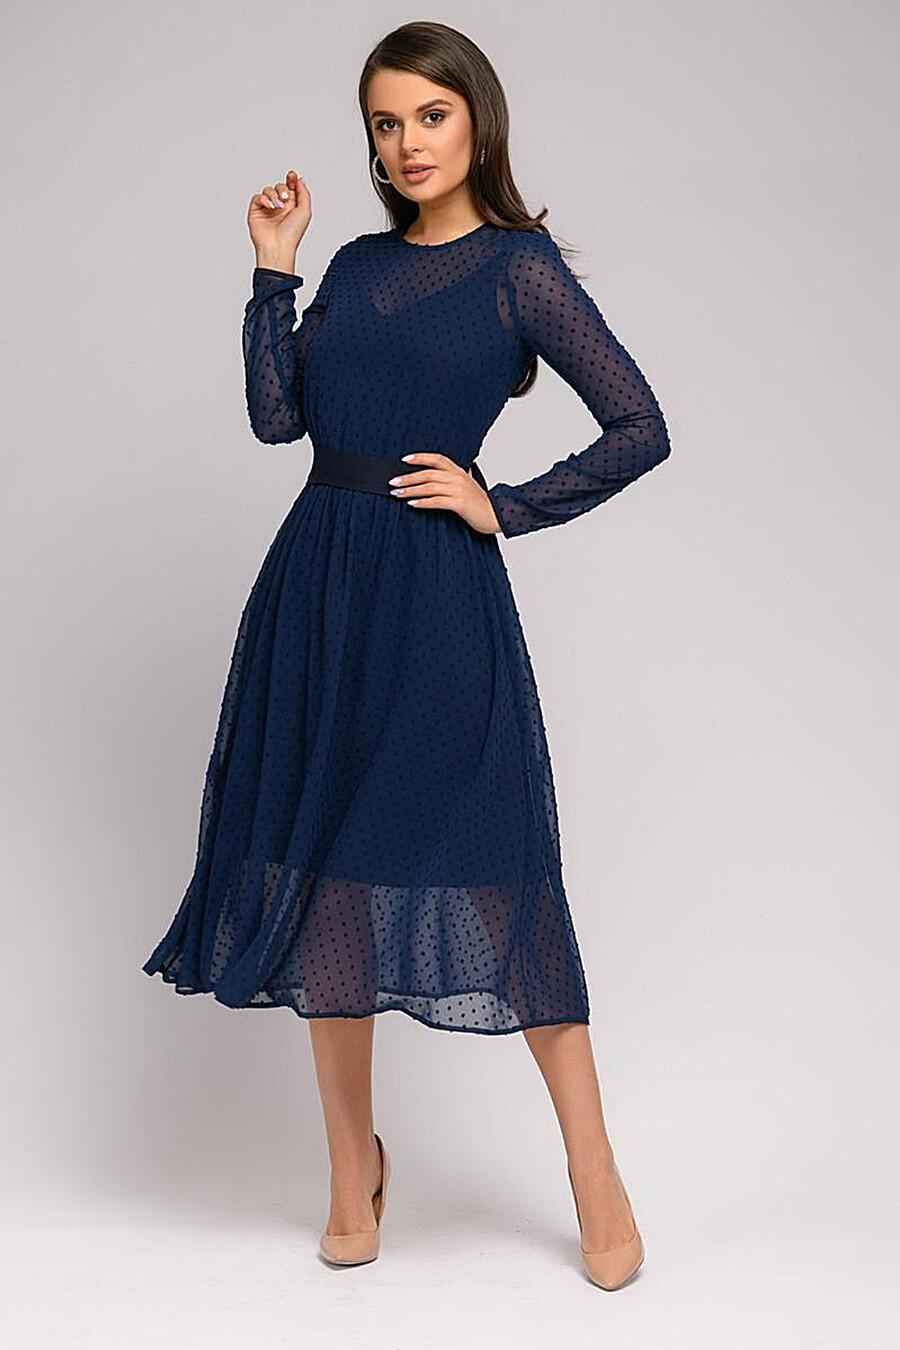 Платье для женщин 1001 DRESS 165883 купить оптом от производителя. Совместная покупка женской одежды в OptMoyo